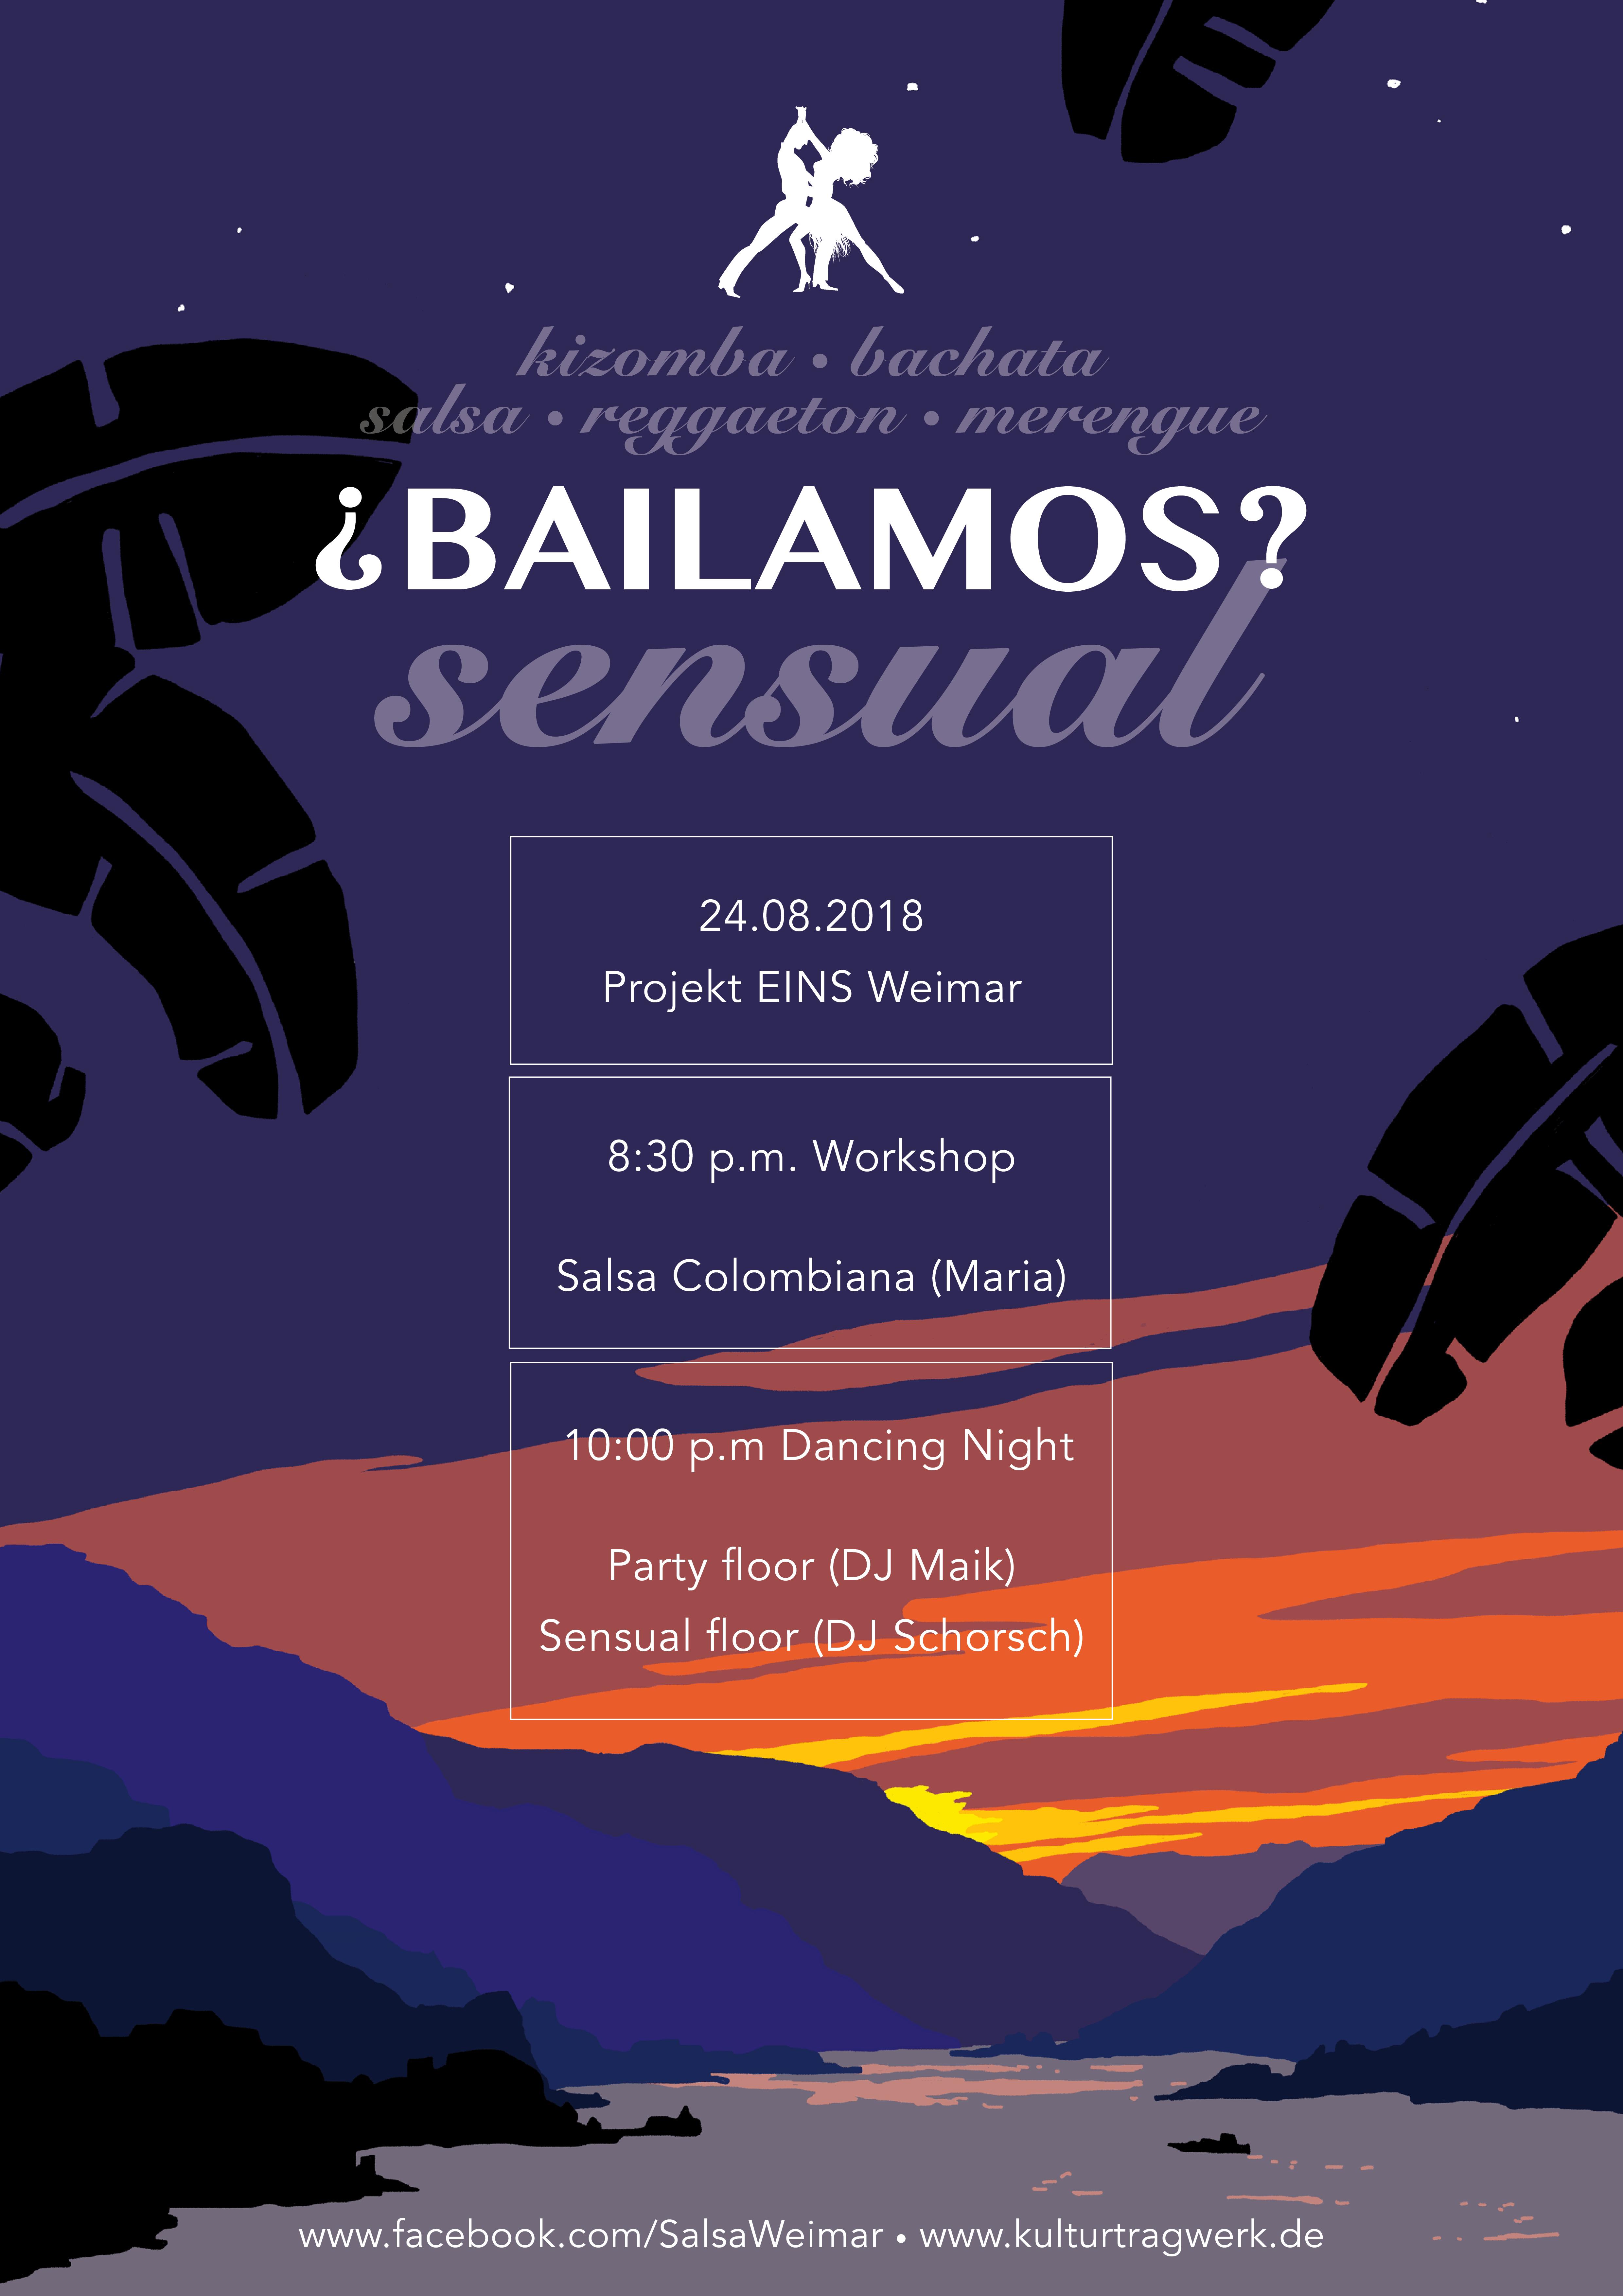 Am 24. August 20 Uhr 30 ist Salsa Colombiana Workshop und 22 Uhr Party auf zwei Floors mit Salsa, Bachata und Kizomba